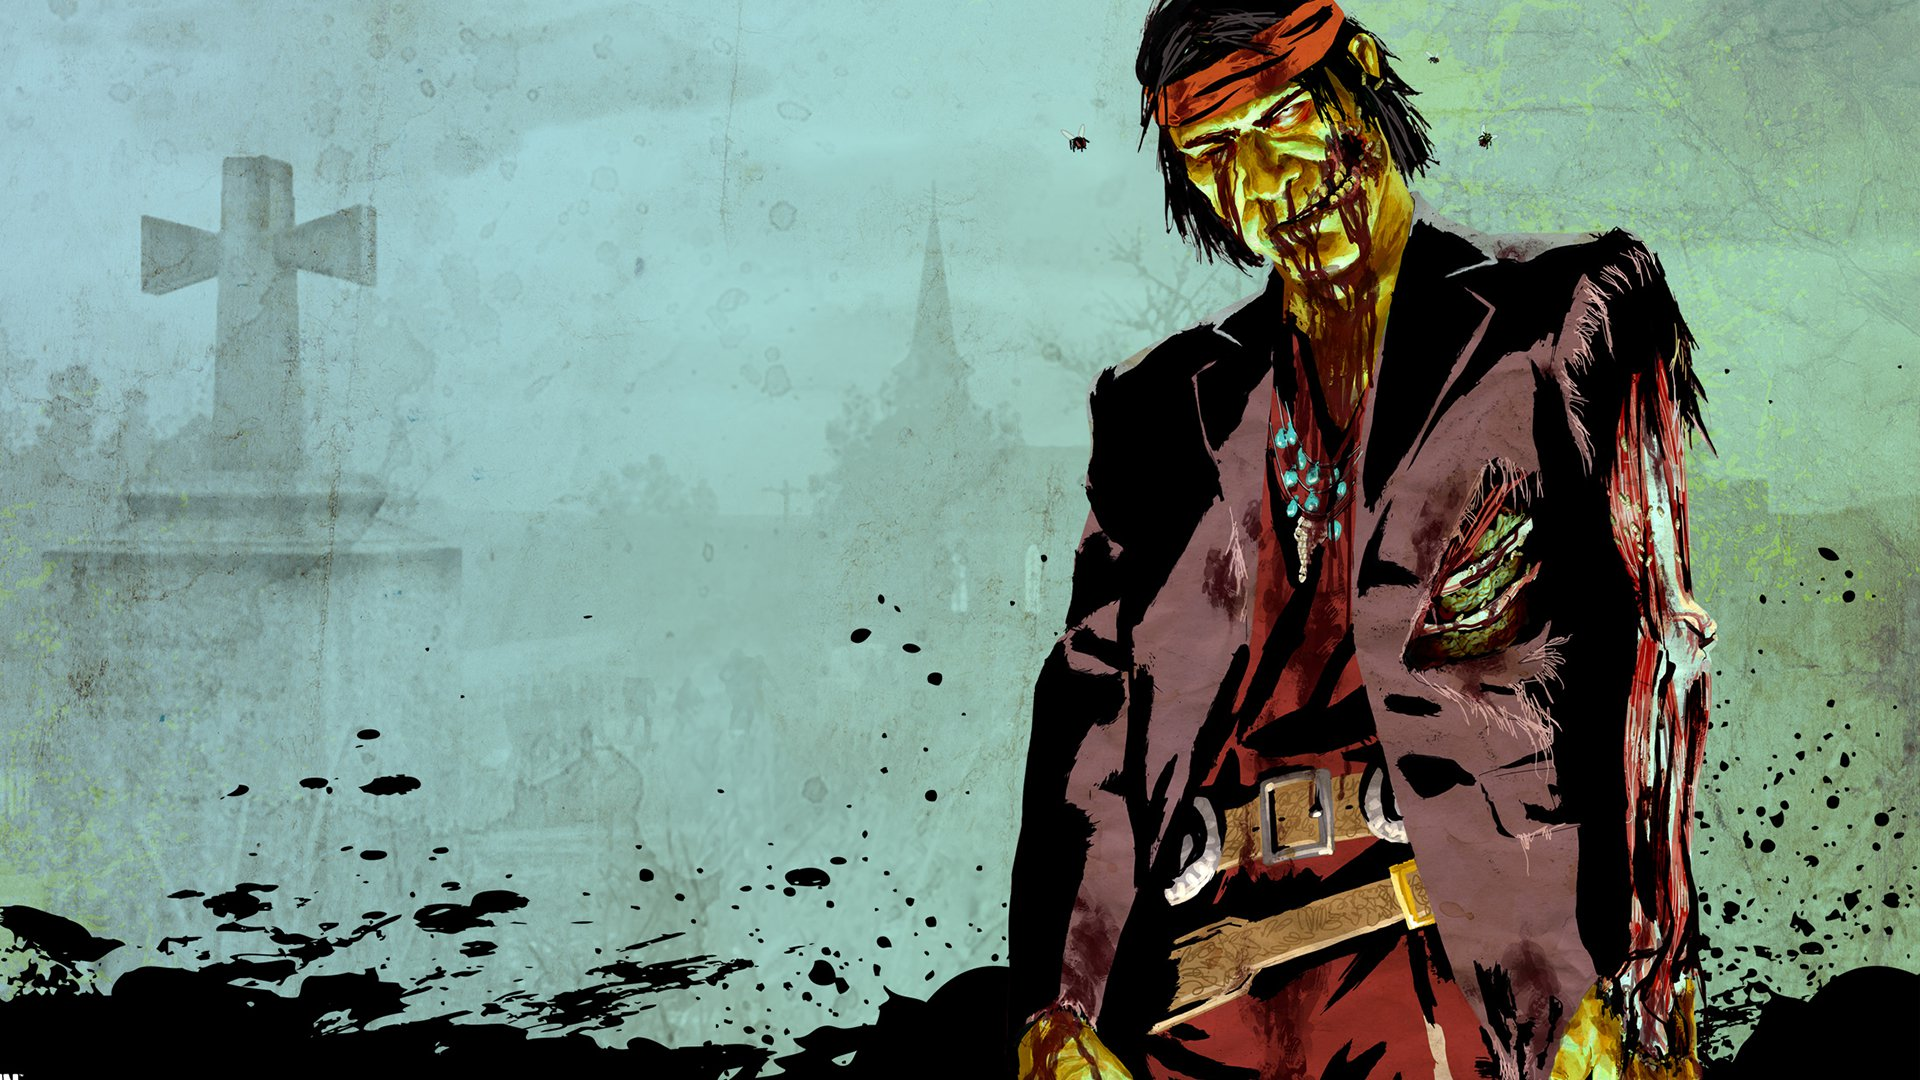 Red Dead Zombies online: Poskytovanie nemŕtvych nočných morí alebo nešťastných chýb? 1